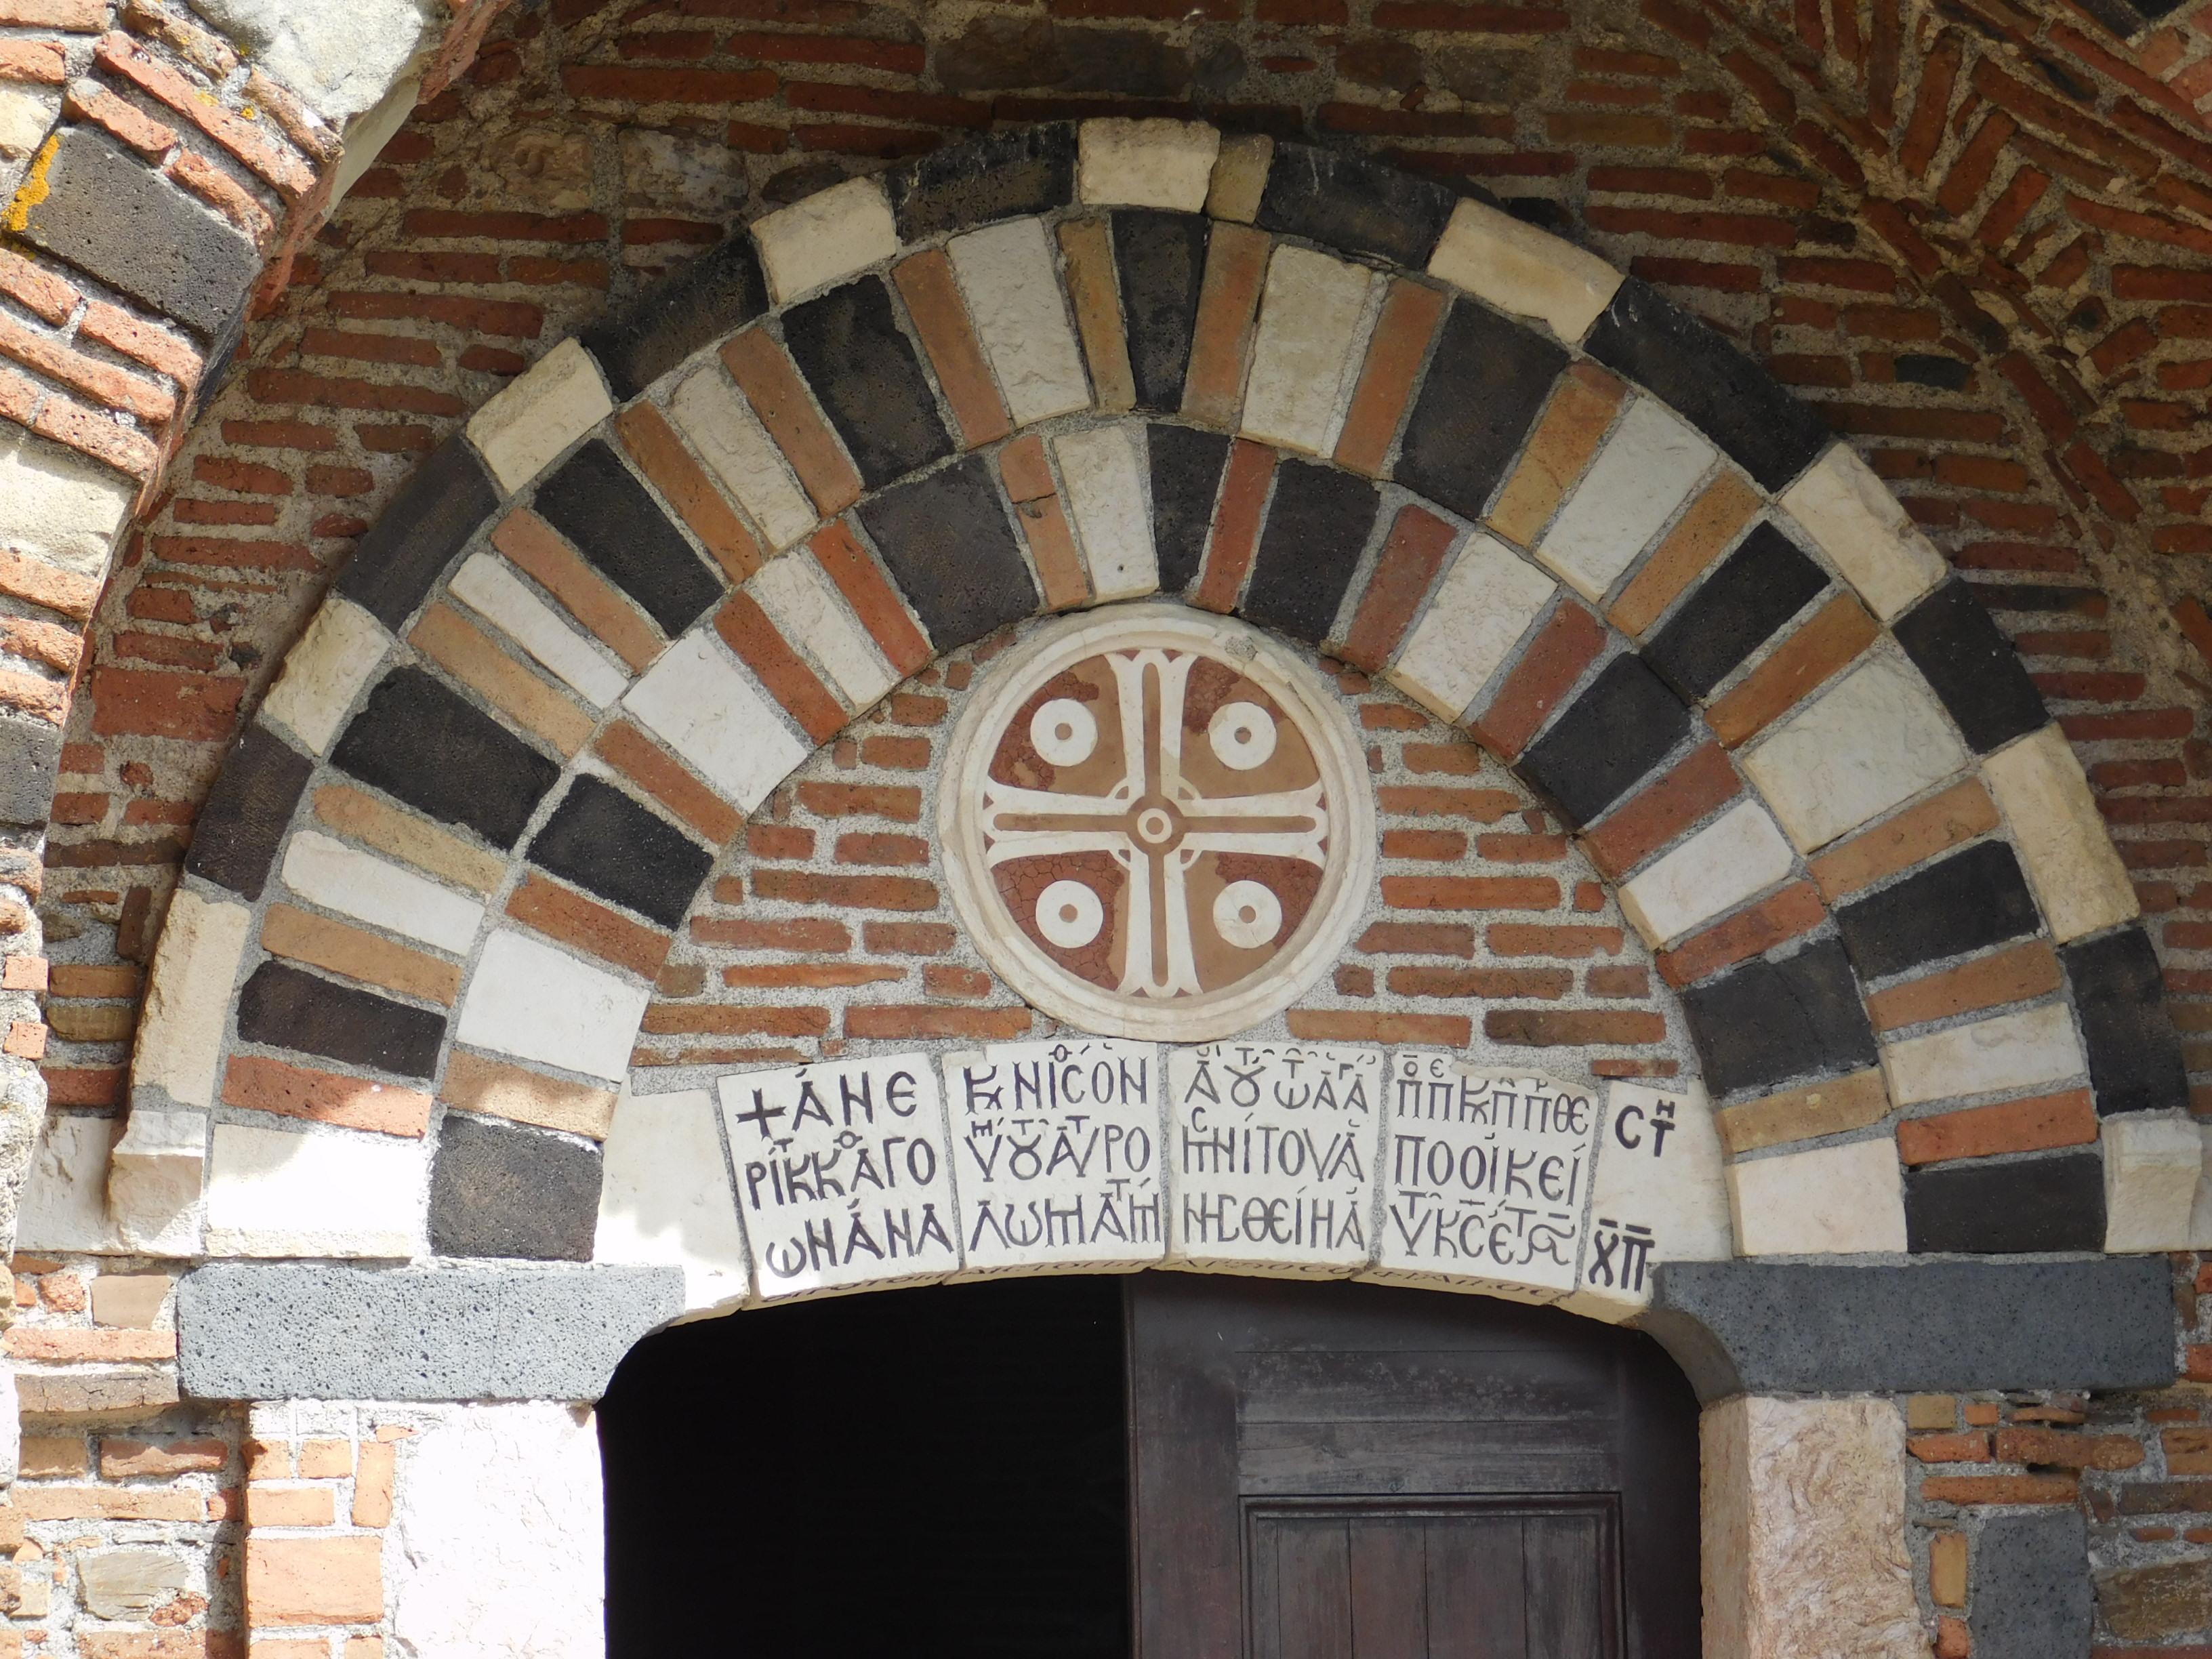 Tesori nascosti: laChiesa dei SS. Pietro e Paolo d'Agrò